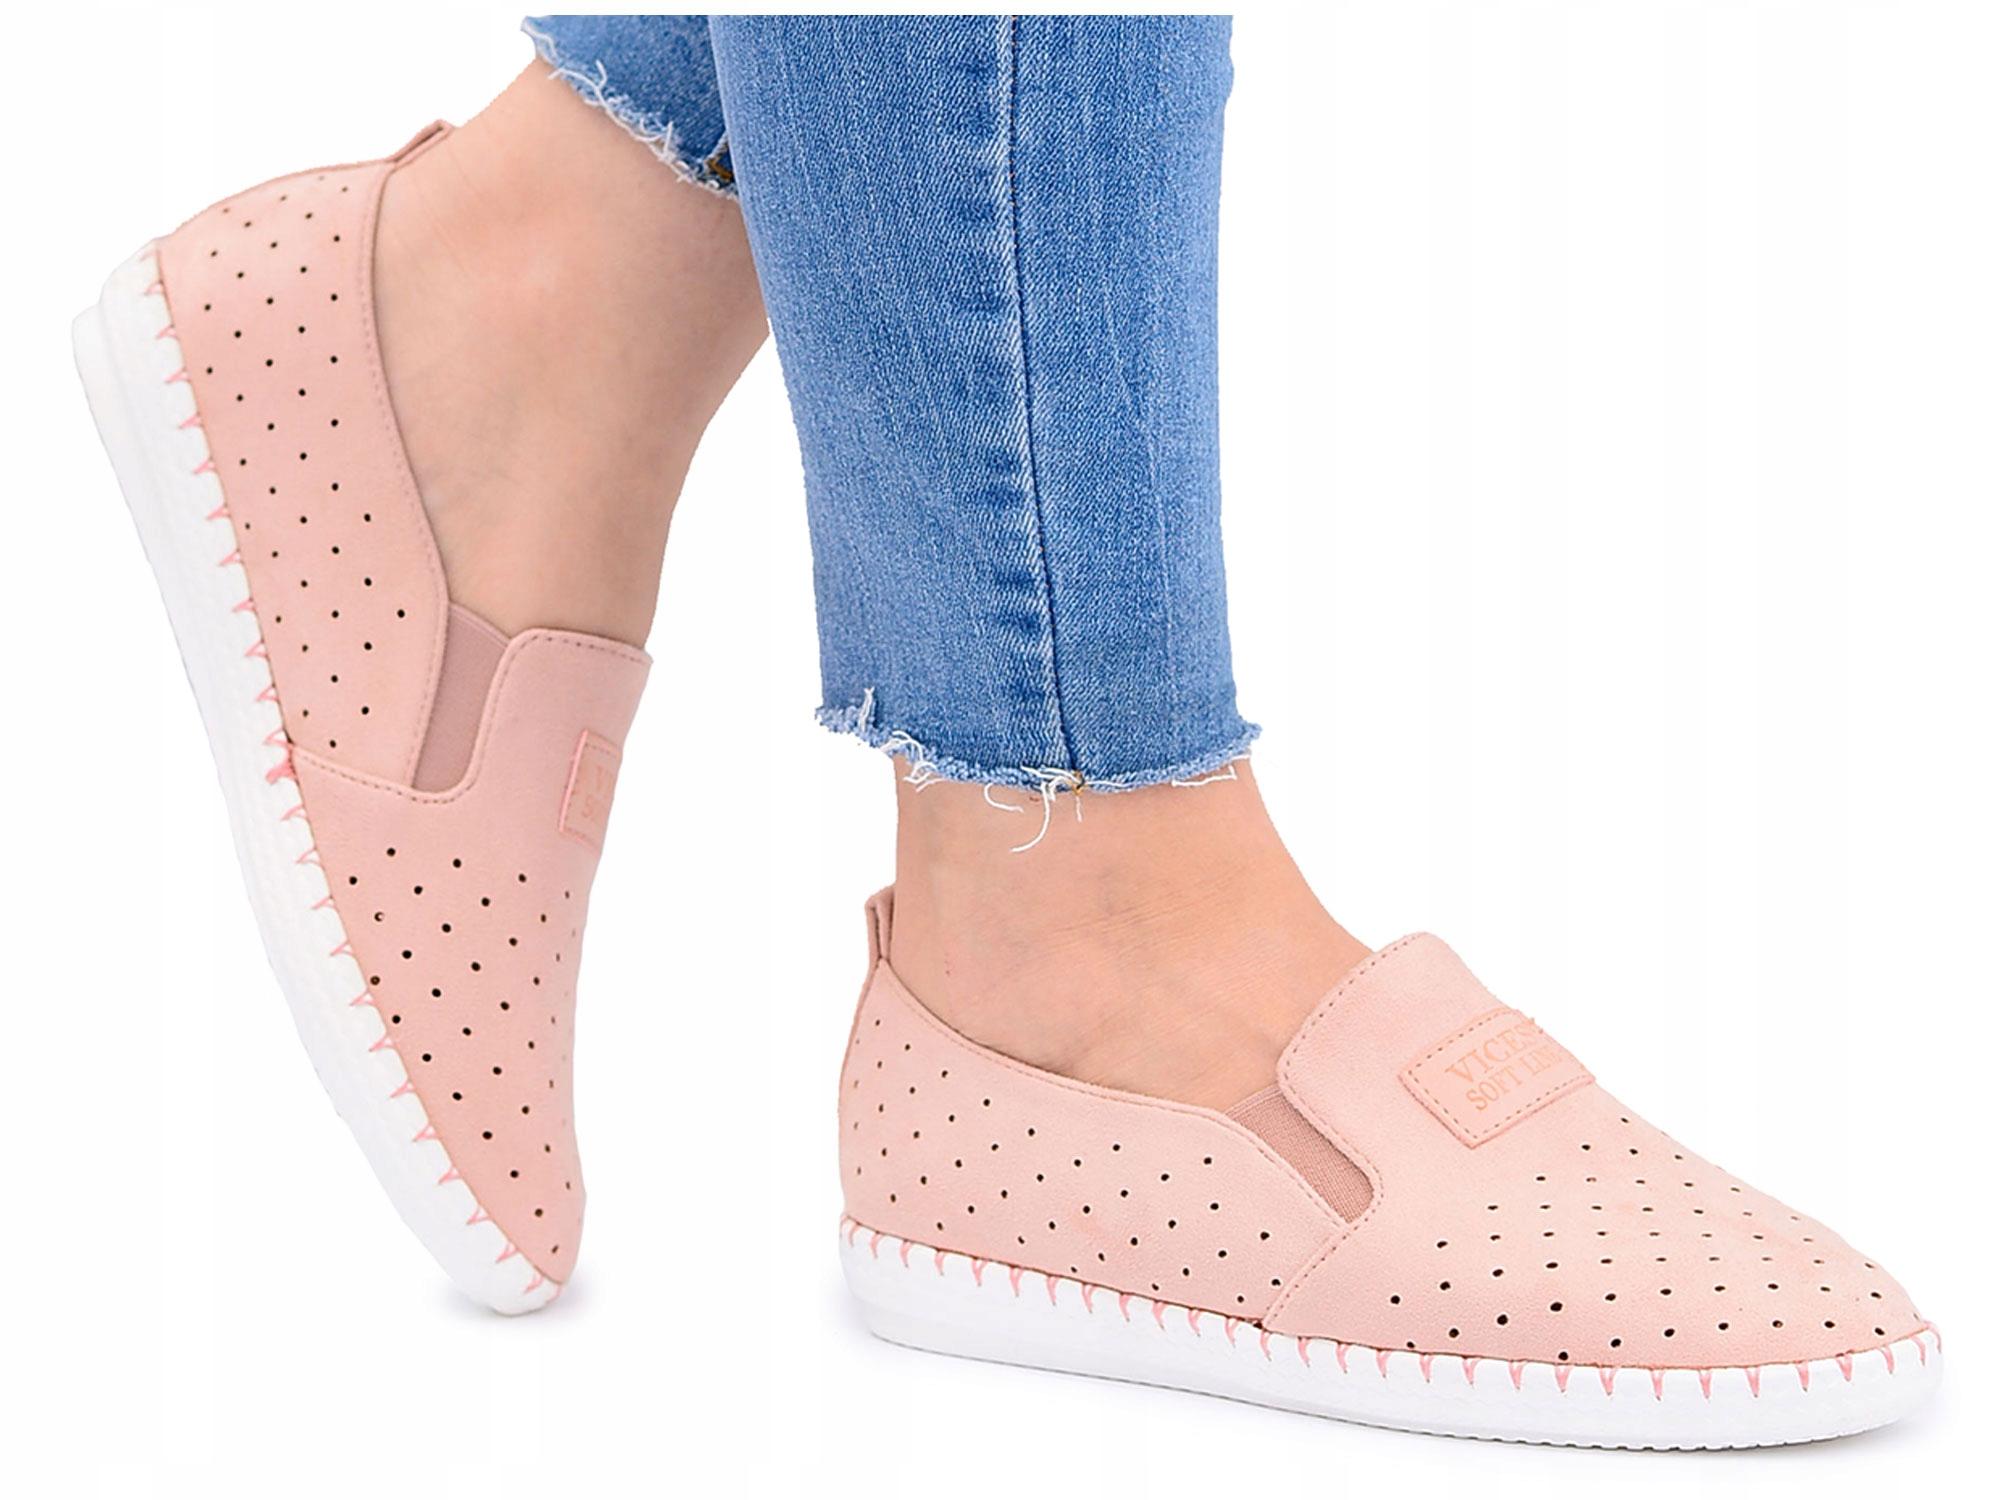 Kupić.pl Allegro Różowe creepersy, buty damskie Vices